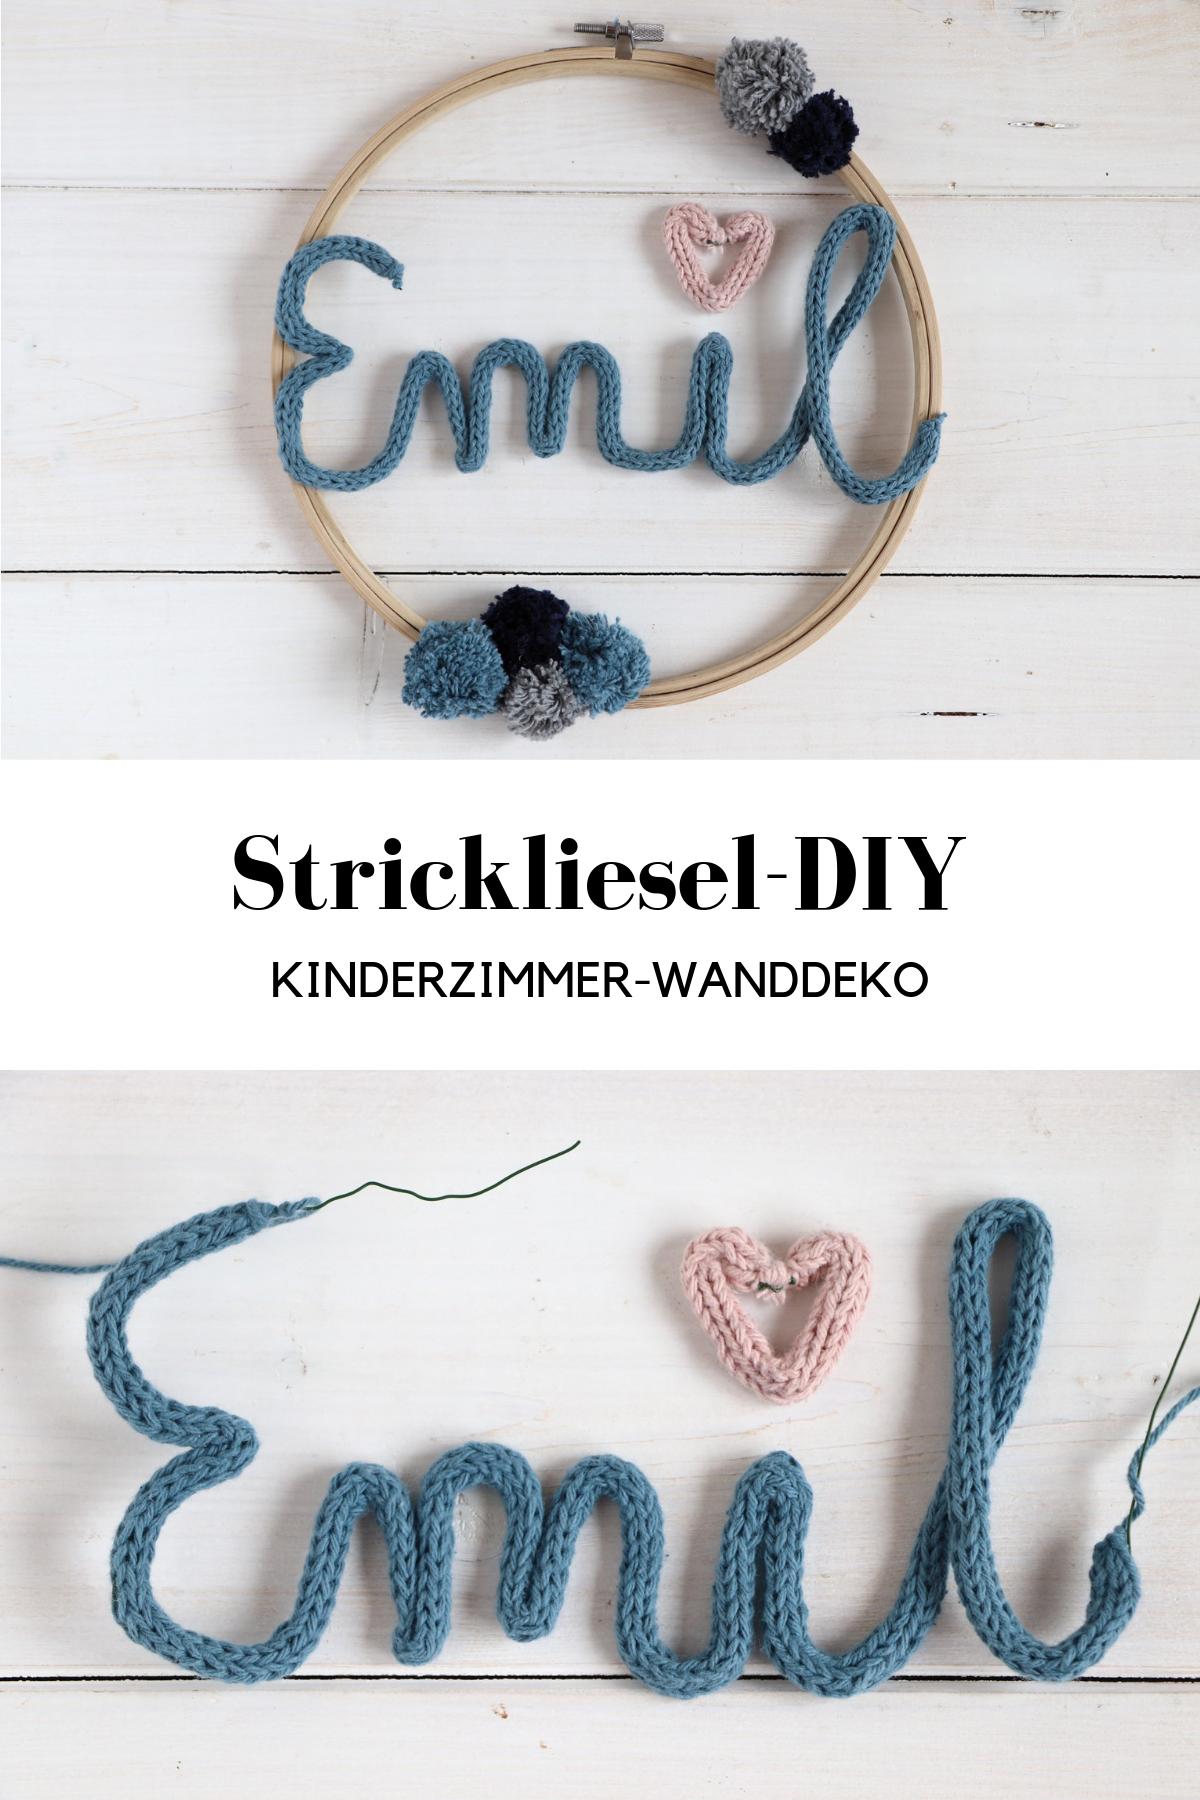 Strickliesel-DIY: Kinderzimmer-Wanddeko #kinderzimmerdeko